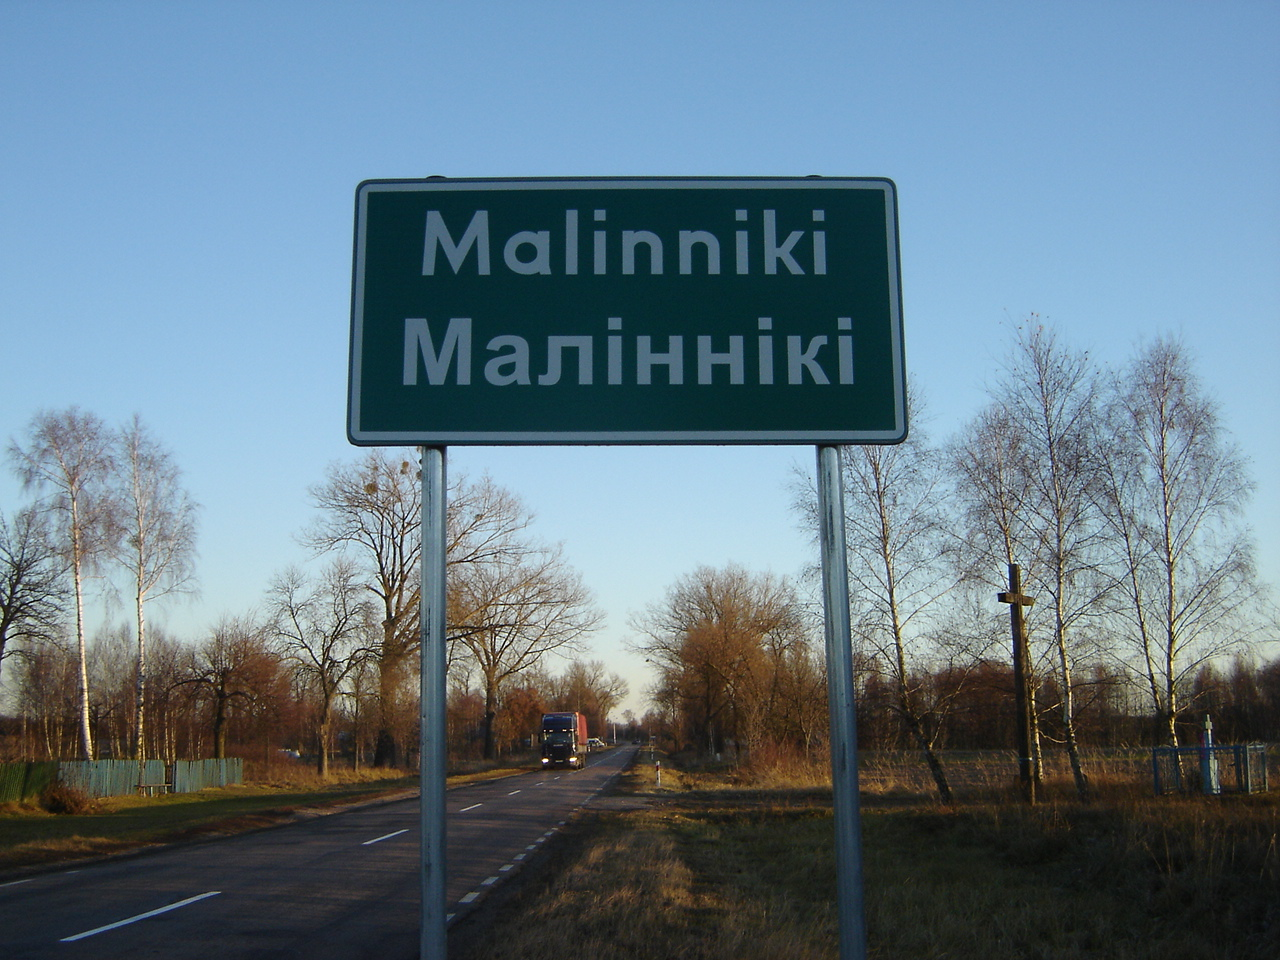 Malinikai